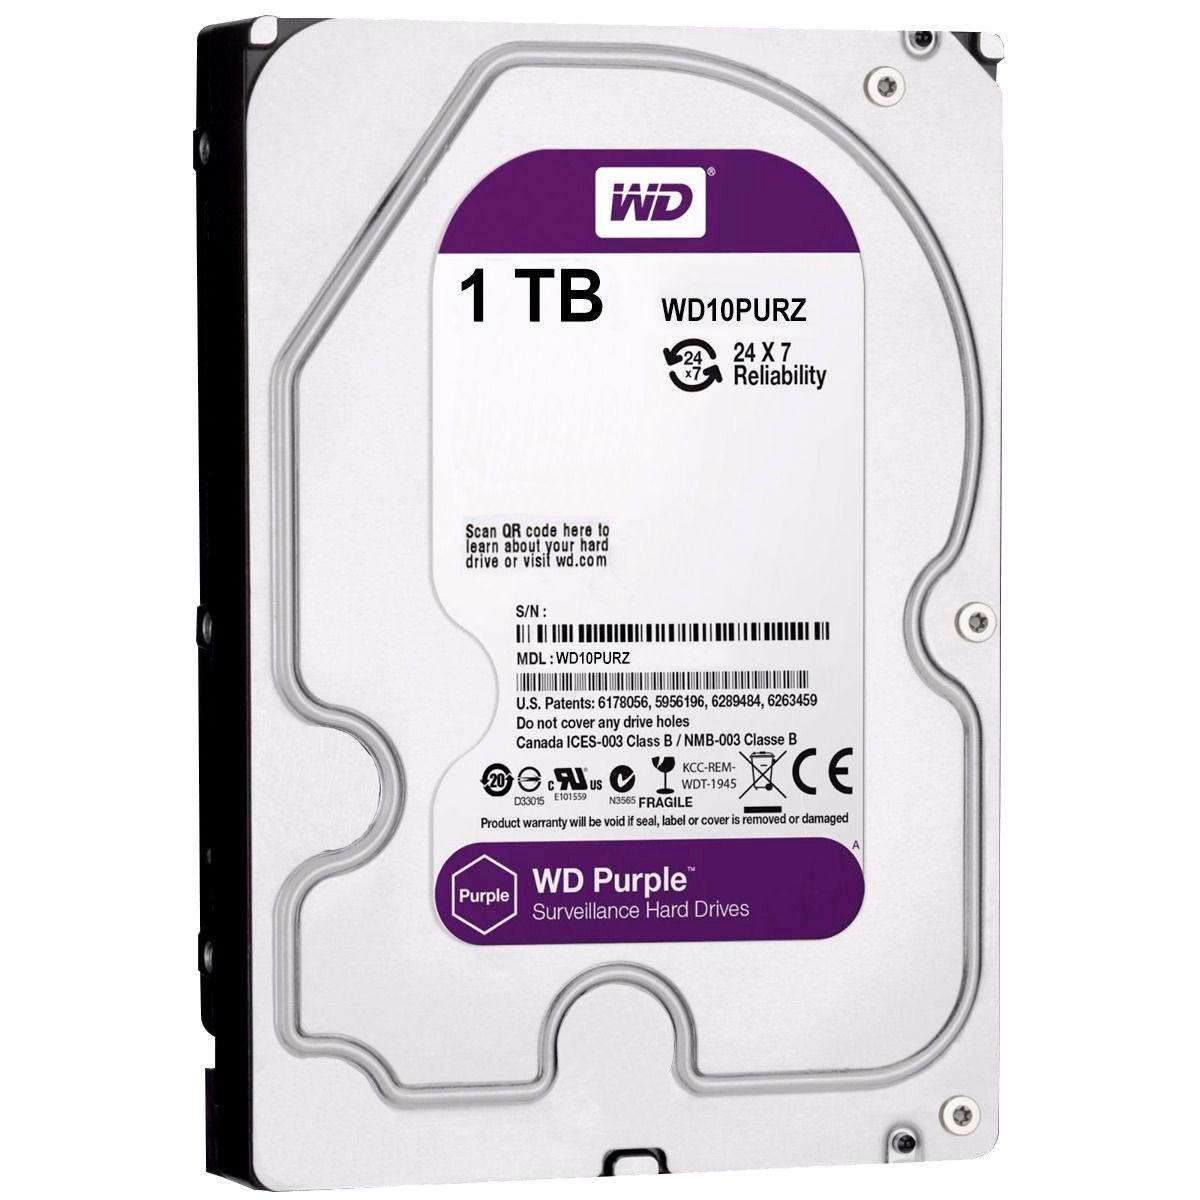 Kit 6 Câmeras de Segurança HD 720p Intelbras VHD 1010B G6 DVR de 8 Canais e HD 1TB